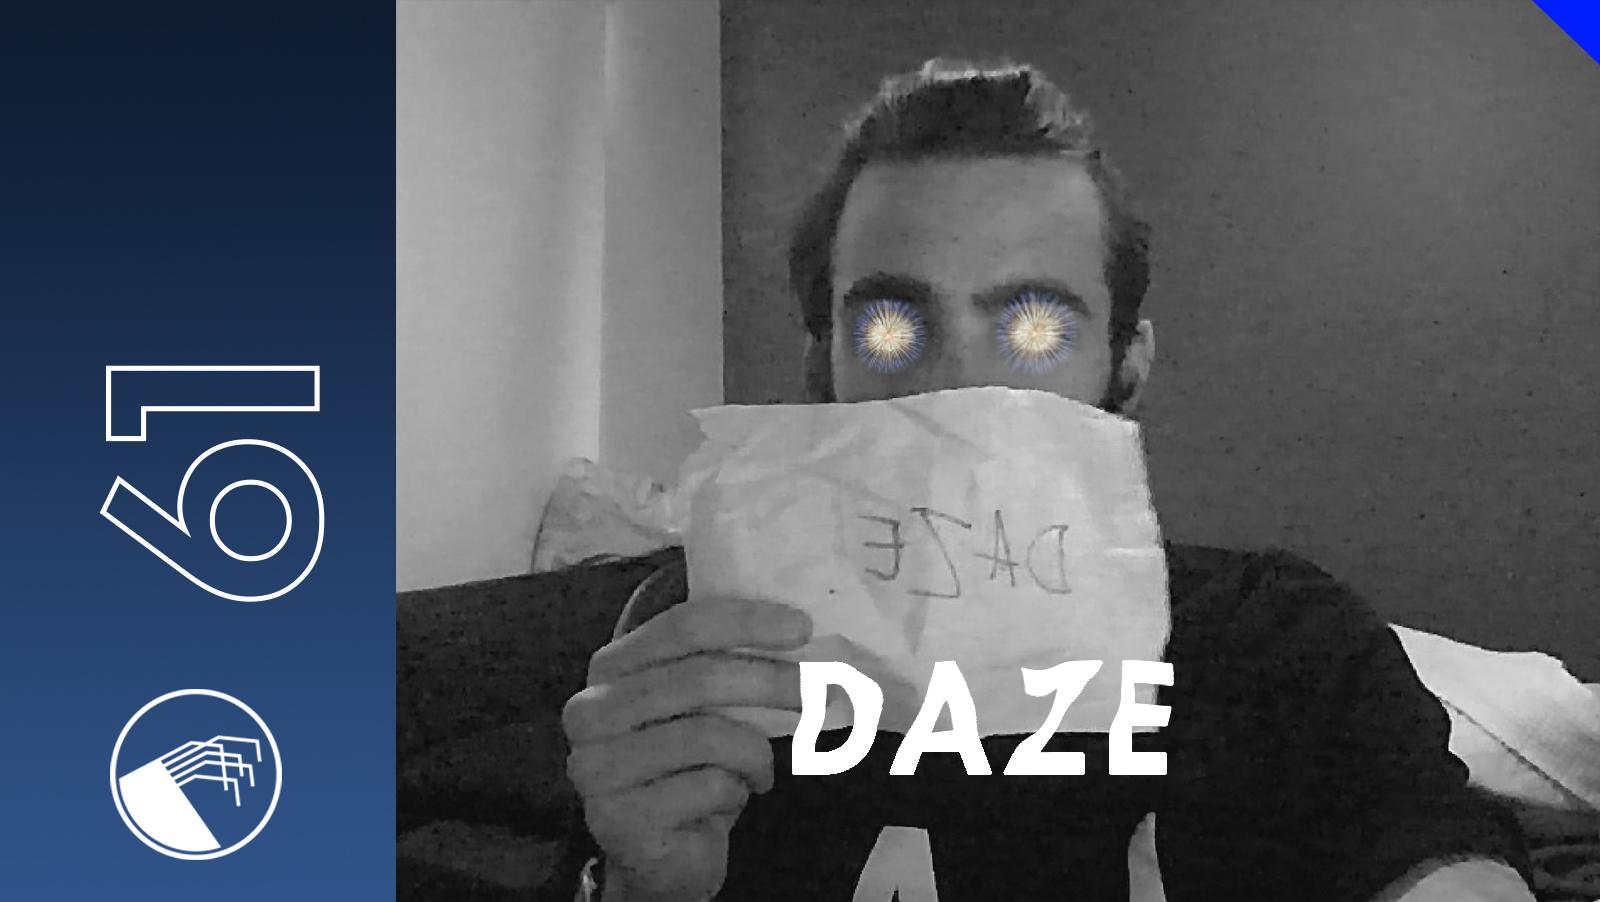 061 Daze